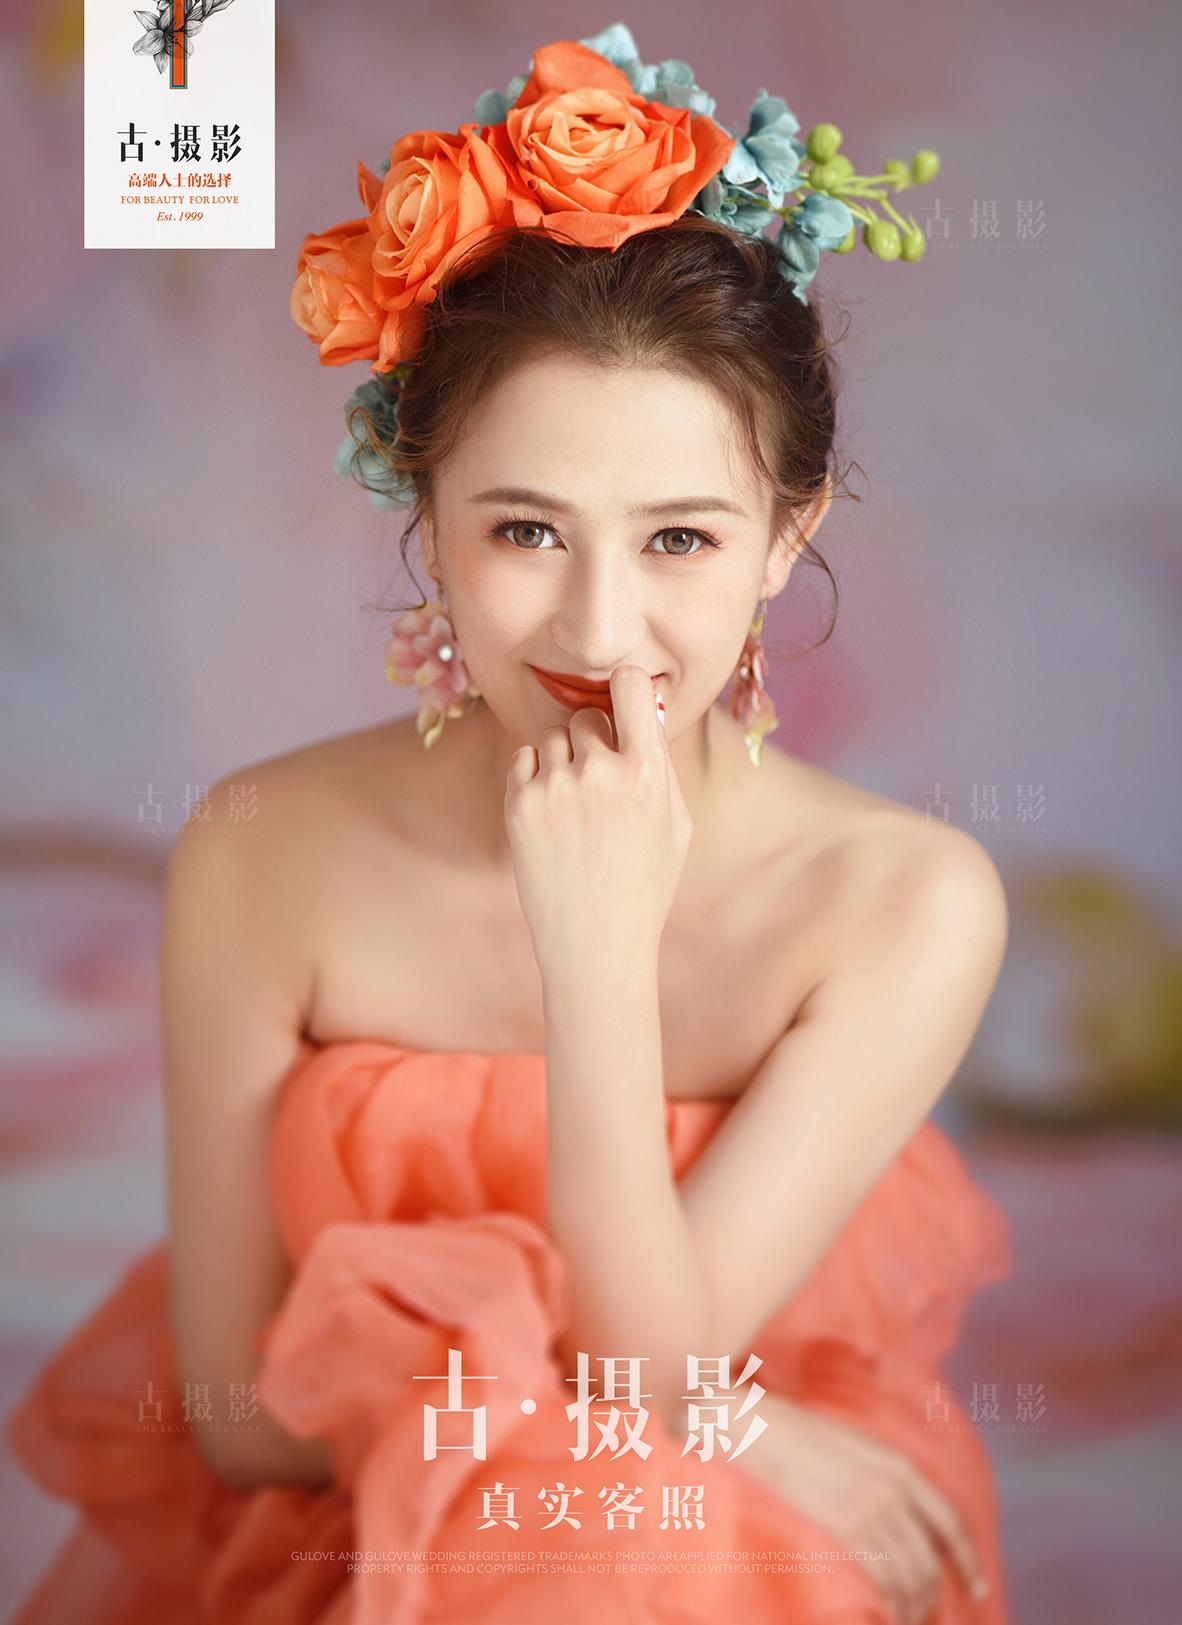 6月28日客片徐先生 孙小姐 - 每日客照 - love上海古摄影-上海婚纱摄影网